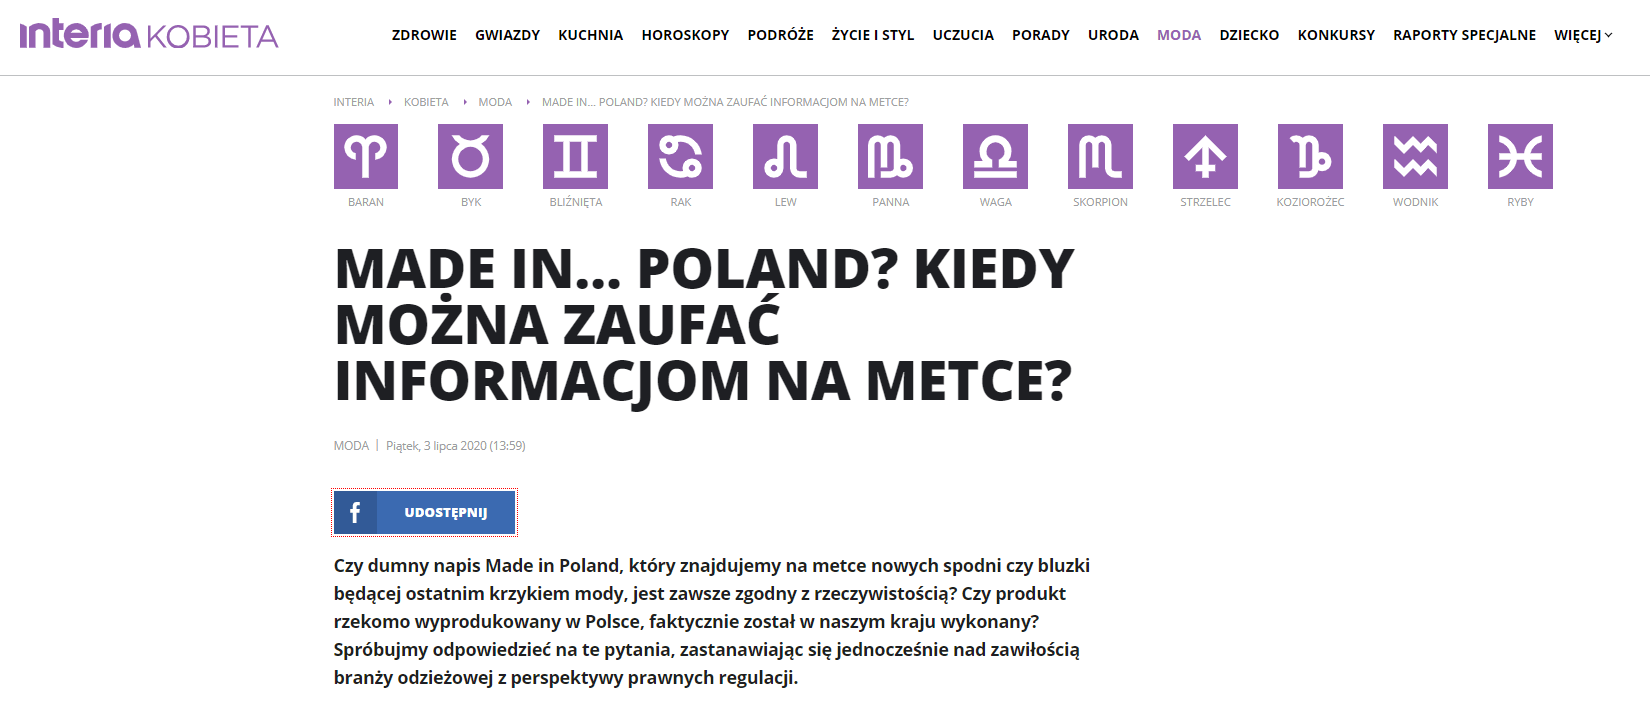 Made in… Poland? Kiedy można zaufać informacjom na metce?